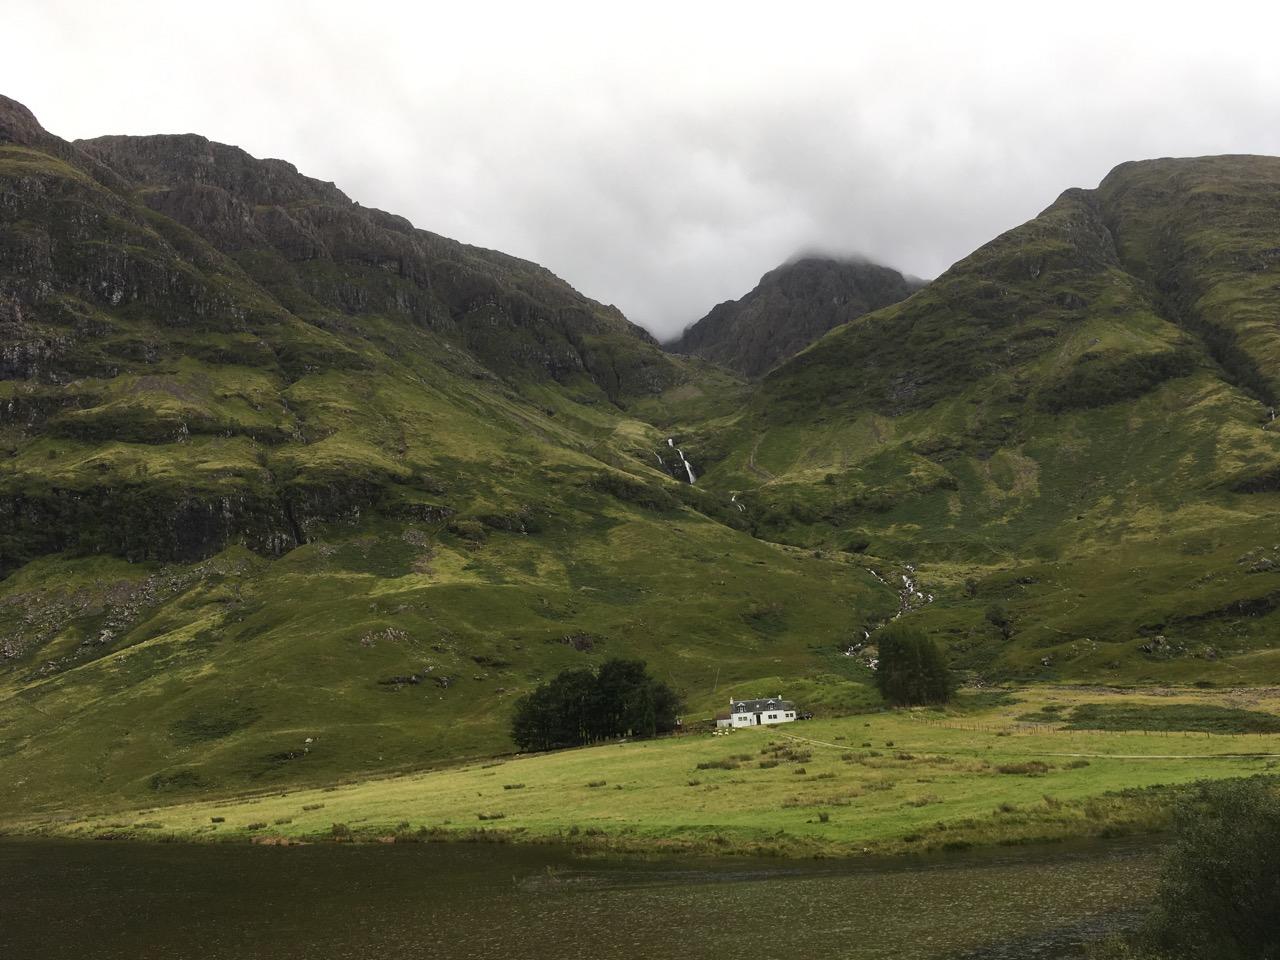 位于Loch Achtriochtan湖畔的小房子